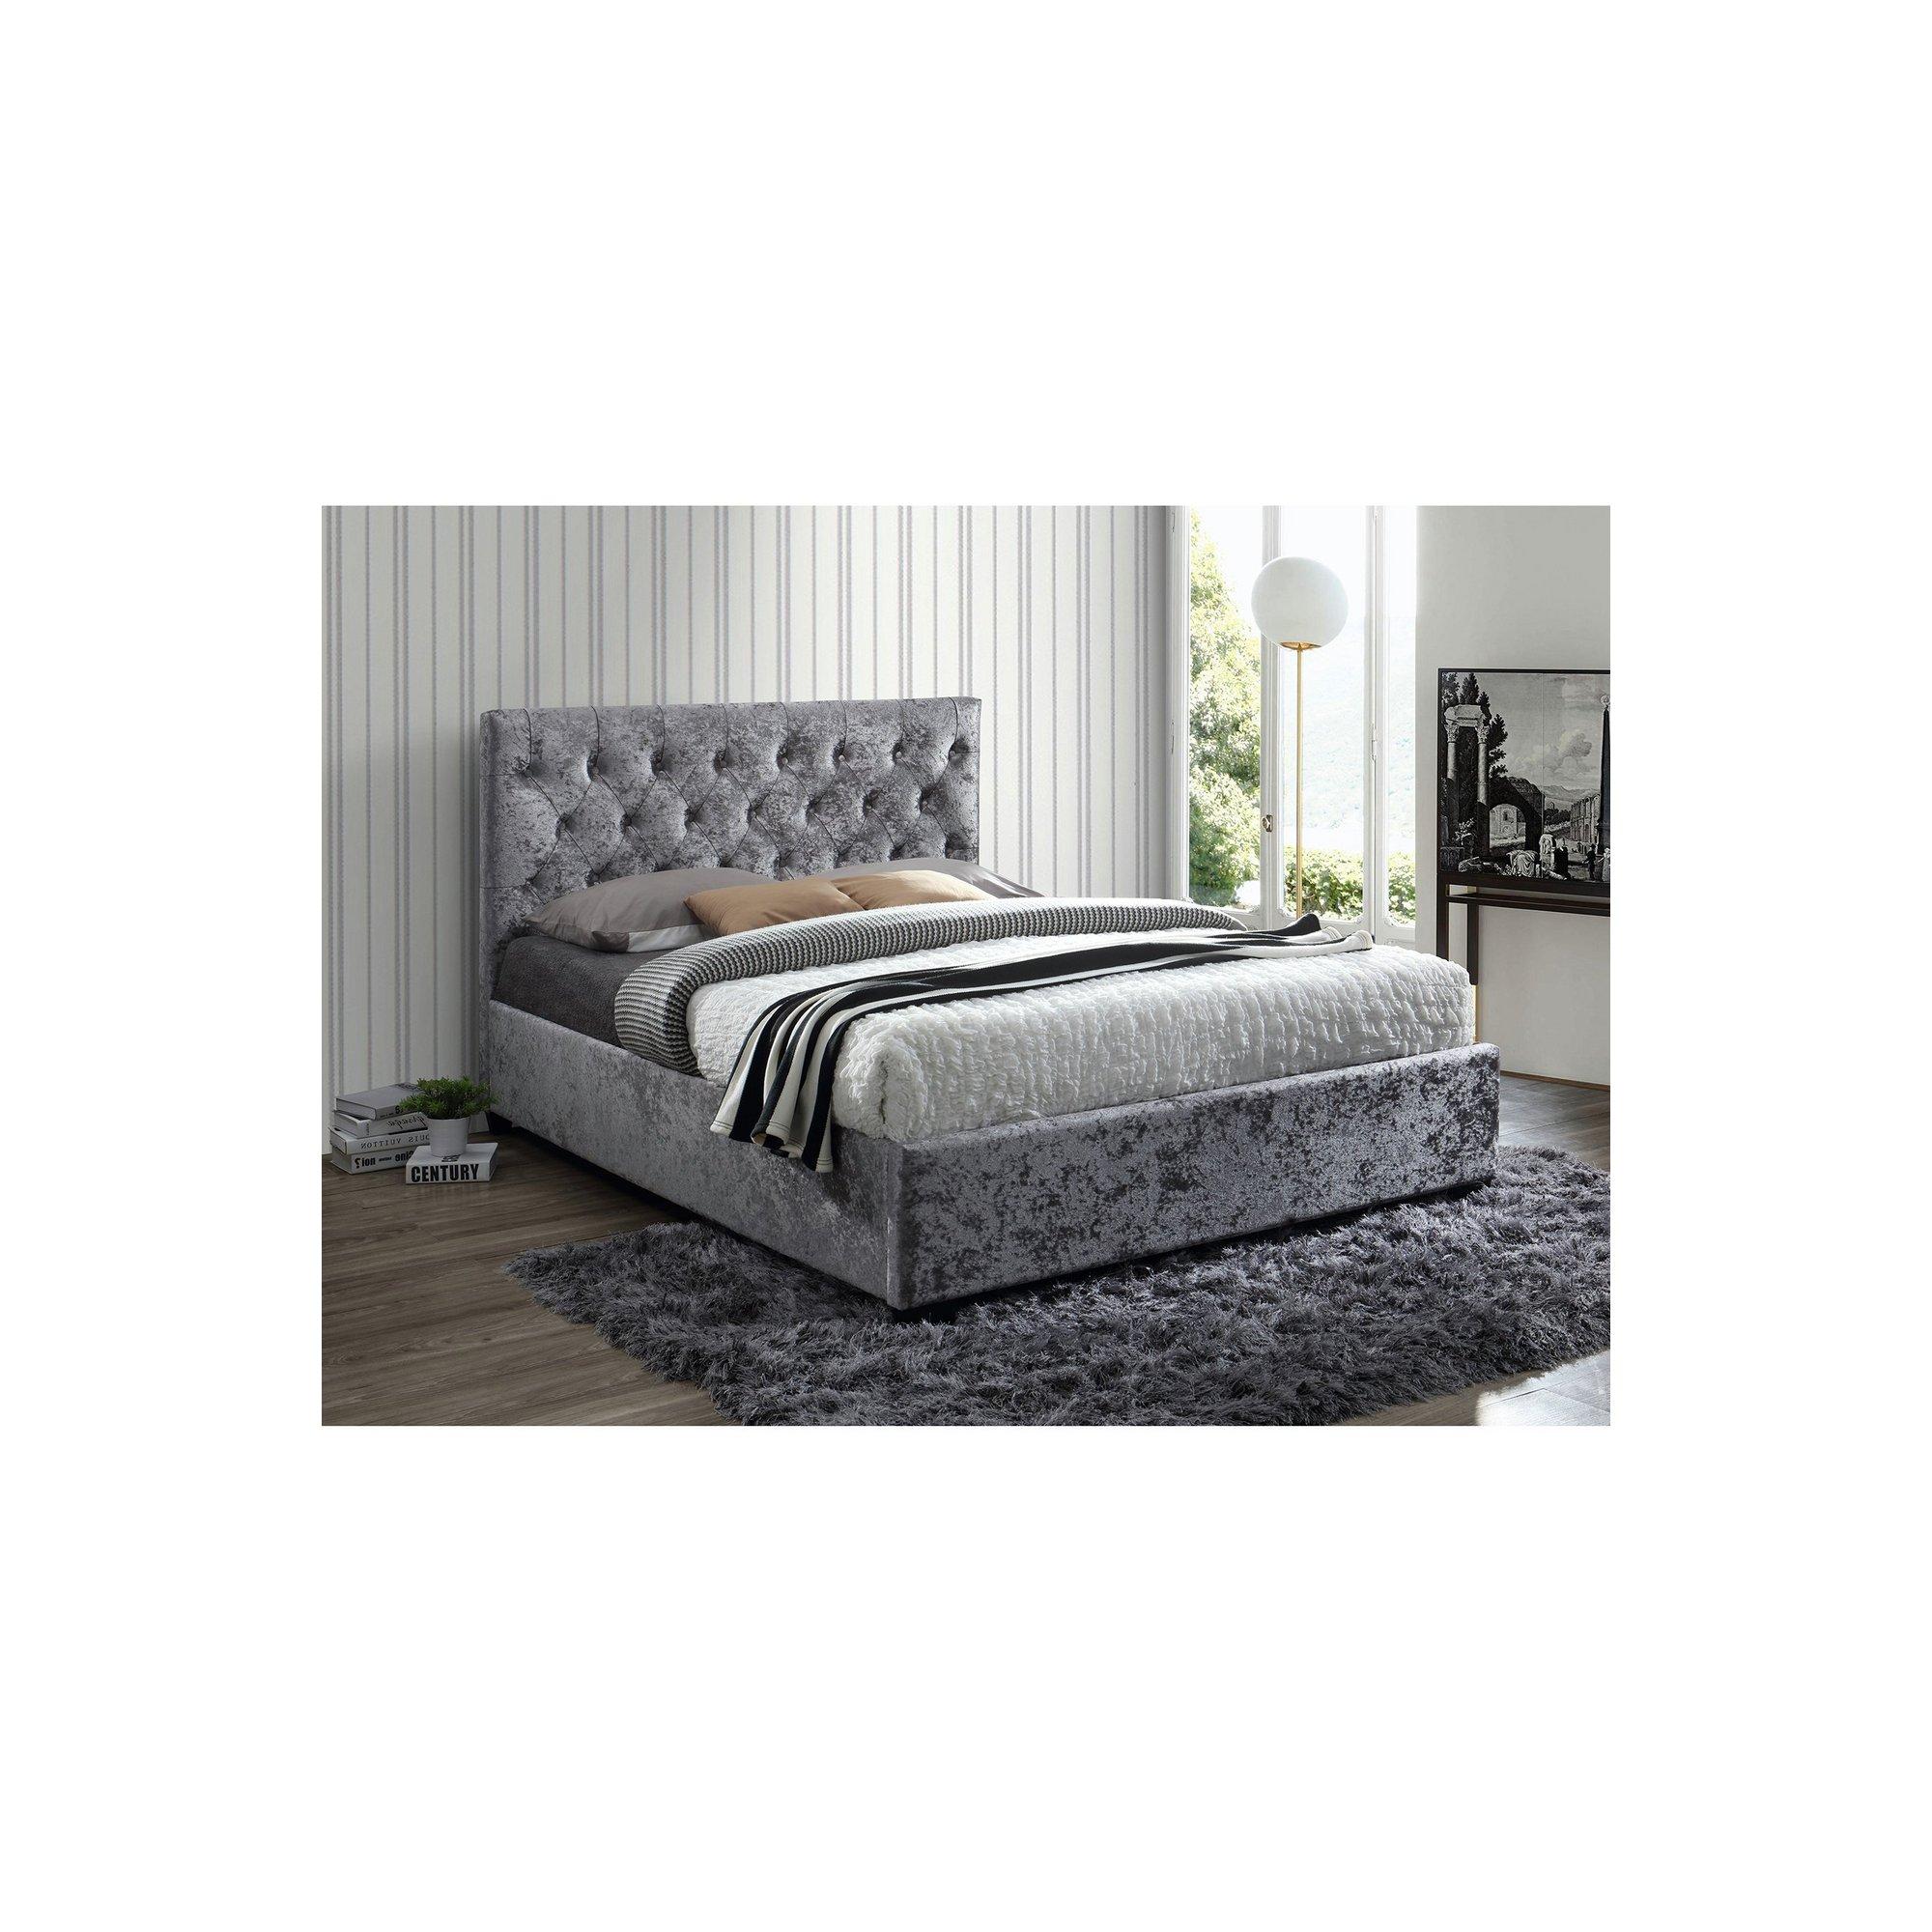 Image of Cologne Bed - Crushed Velvet